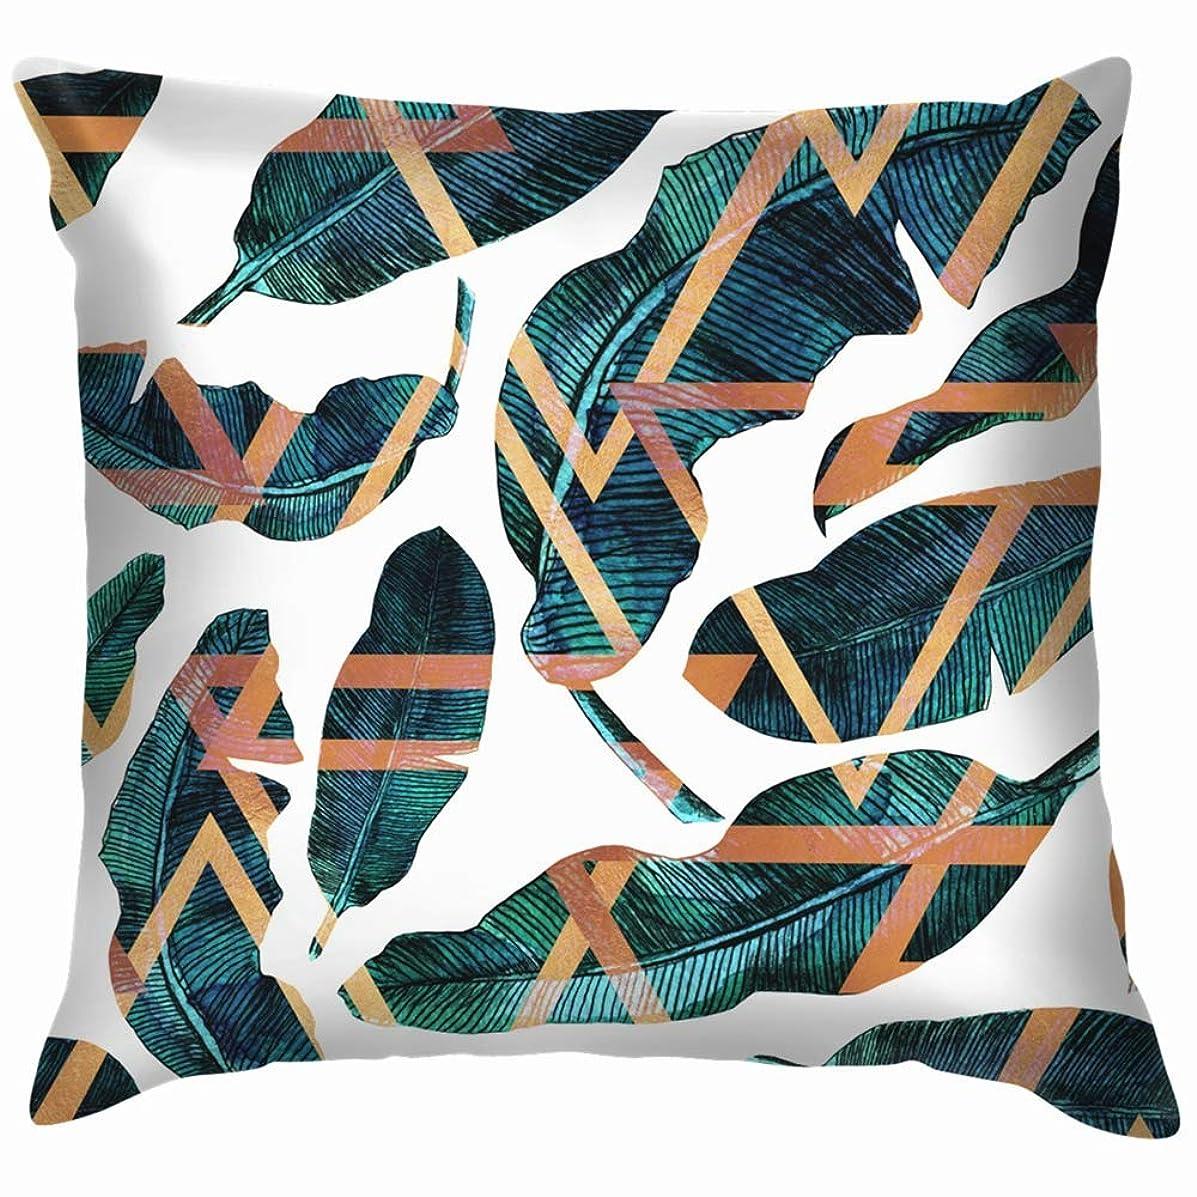 観客恐竜満足できる熱帯の葉花水彩芸術投げる枕カバーホームソファクッションカバー枕カバーギフト45x45 cm